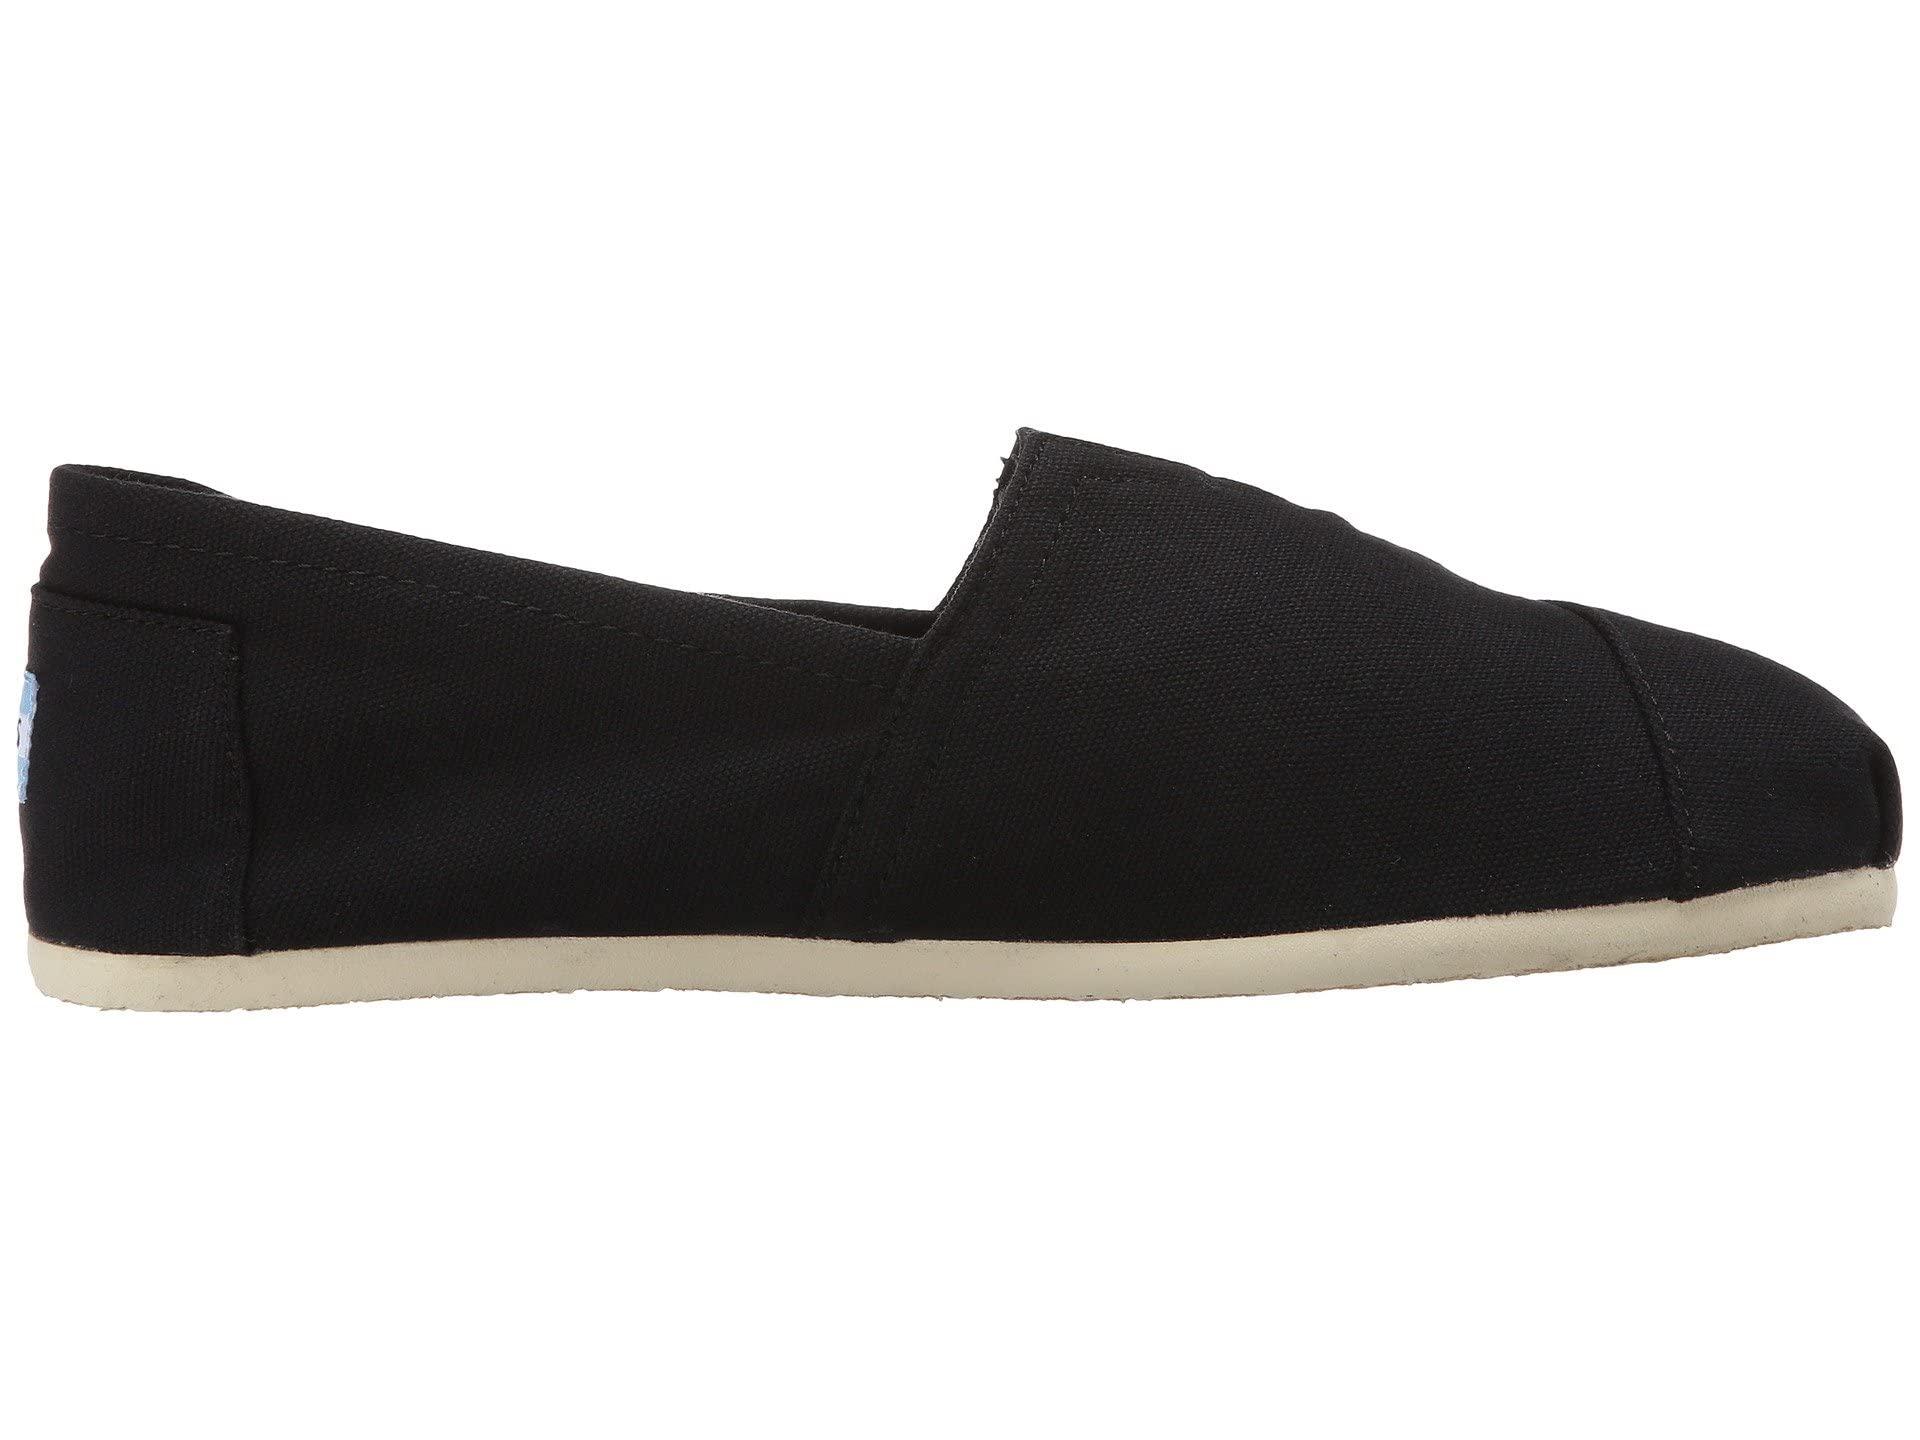 thumbnail 6 - TOMS Women's Classic Alpargata Slip On Shoes